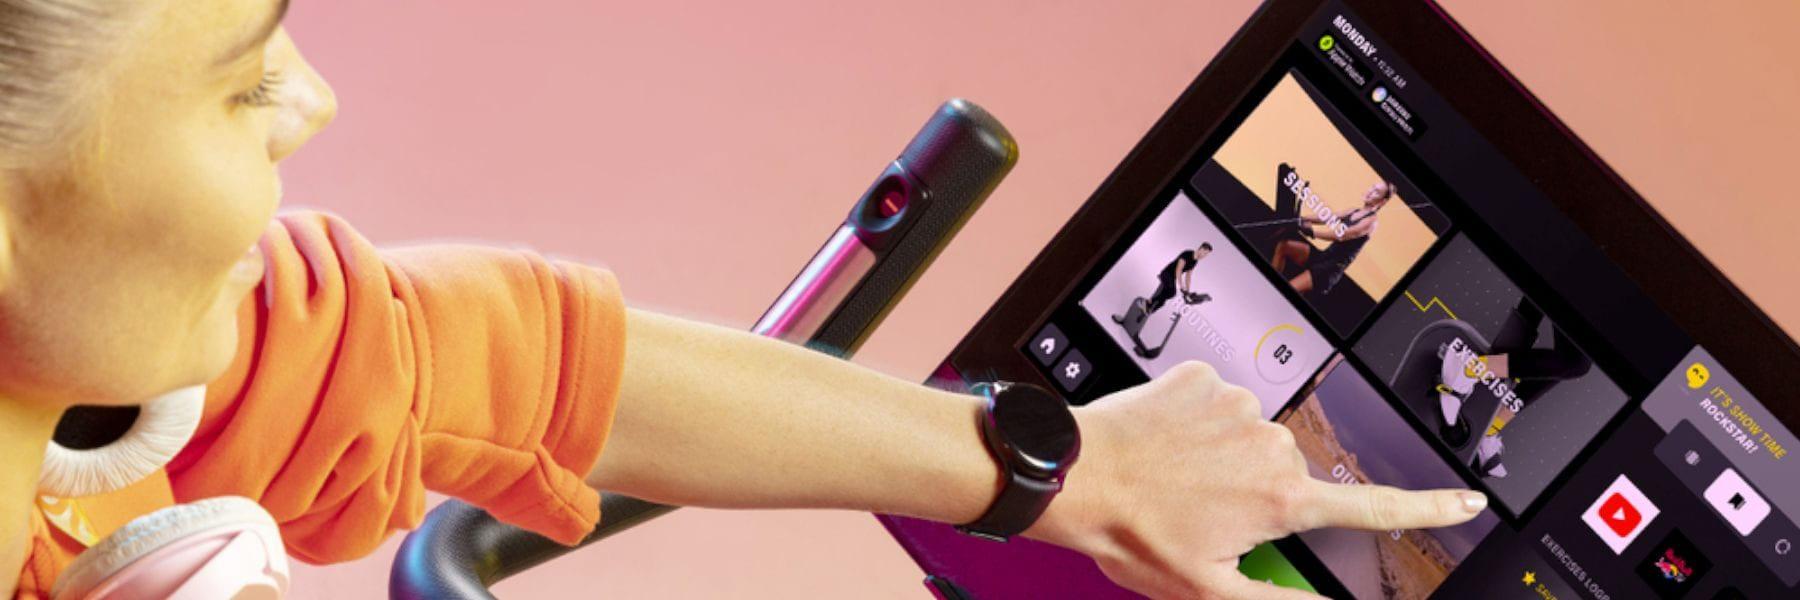 Sisältö ratkaisee, kun Technogym näyttää tietä digitaaliseen vallankumoukseen